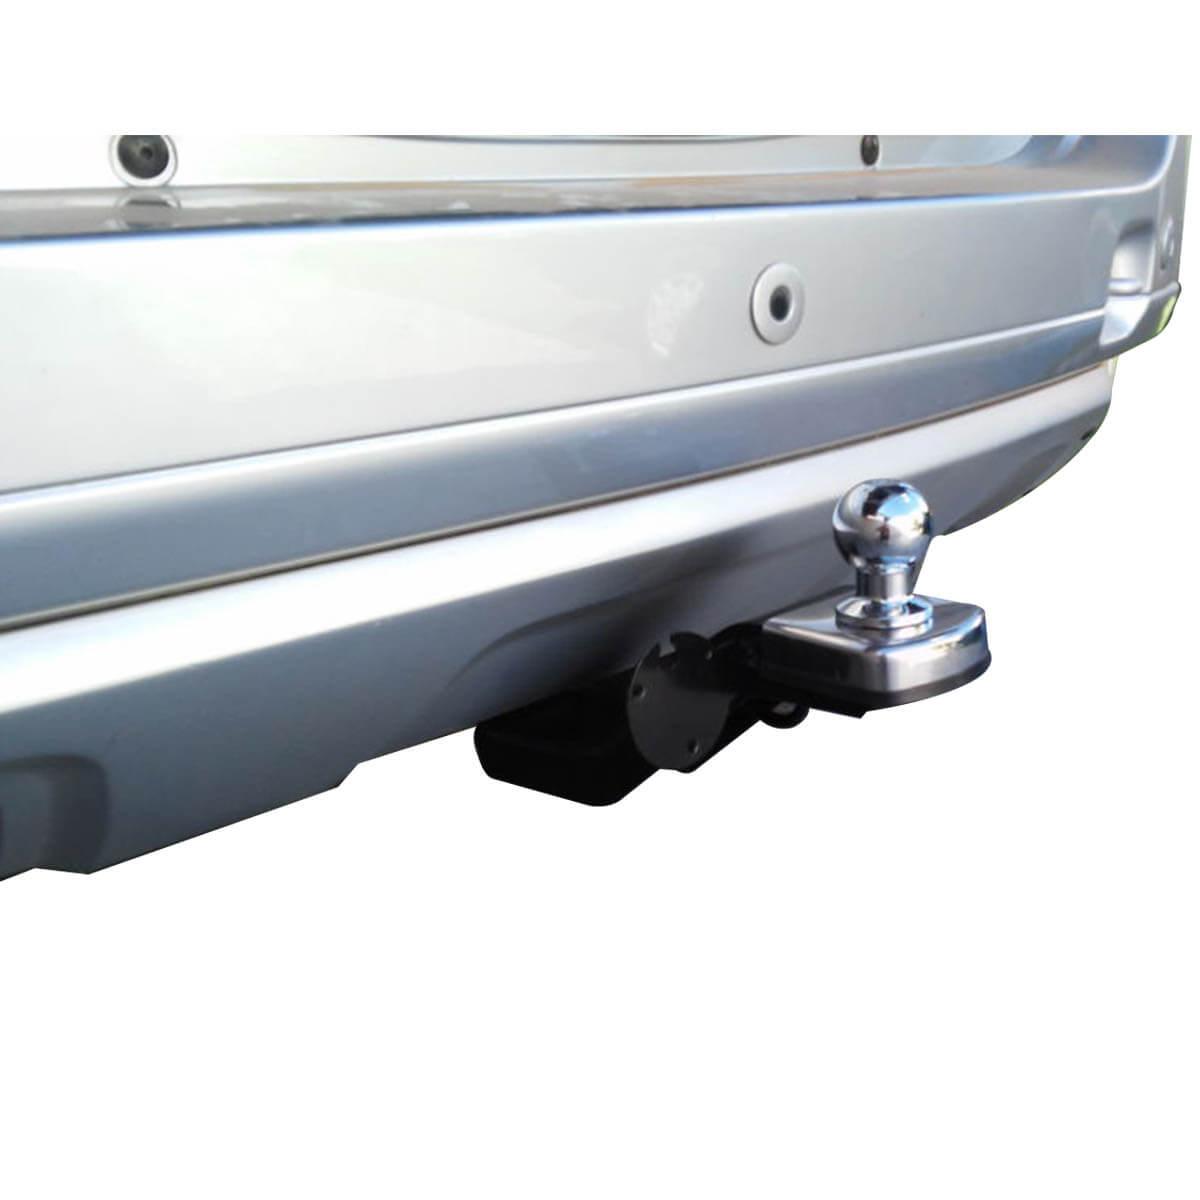 Engate de reboque fixo Duster 2012 a 2018 tração 4x2